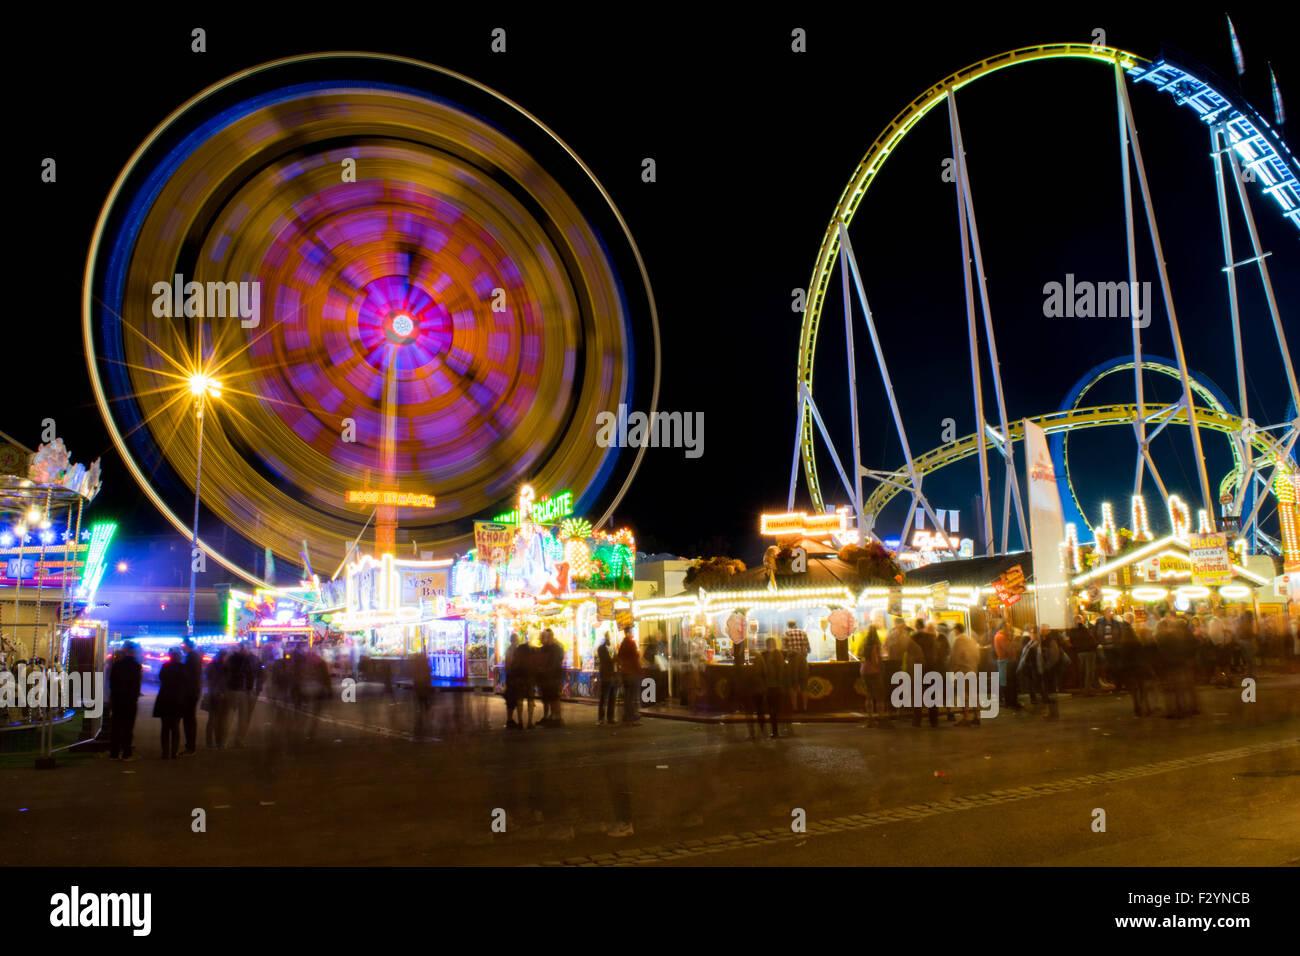 Spinning Wheels at the Stuttgart Festival (Wasen) - Stock Image